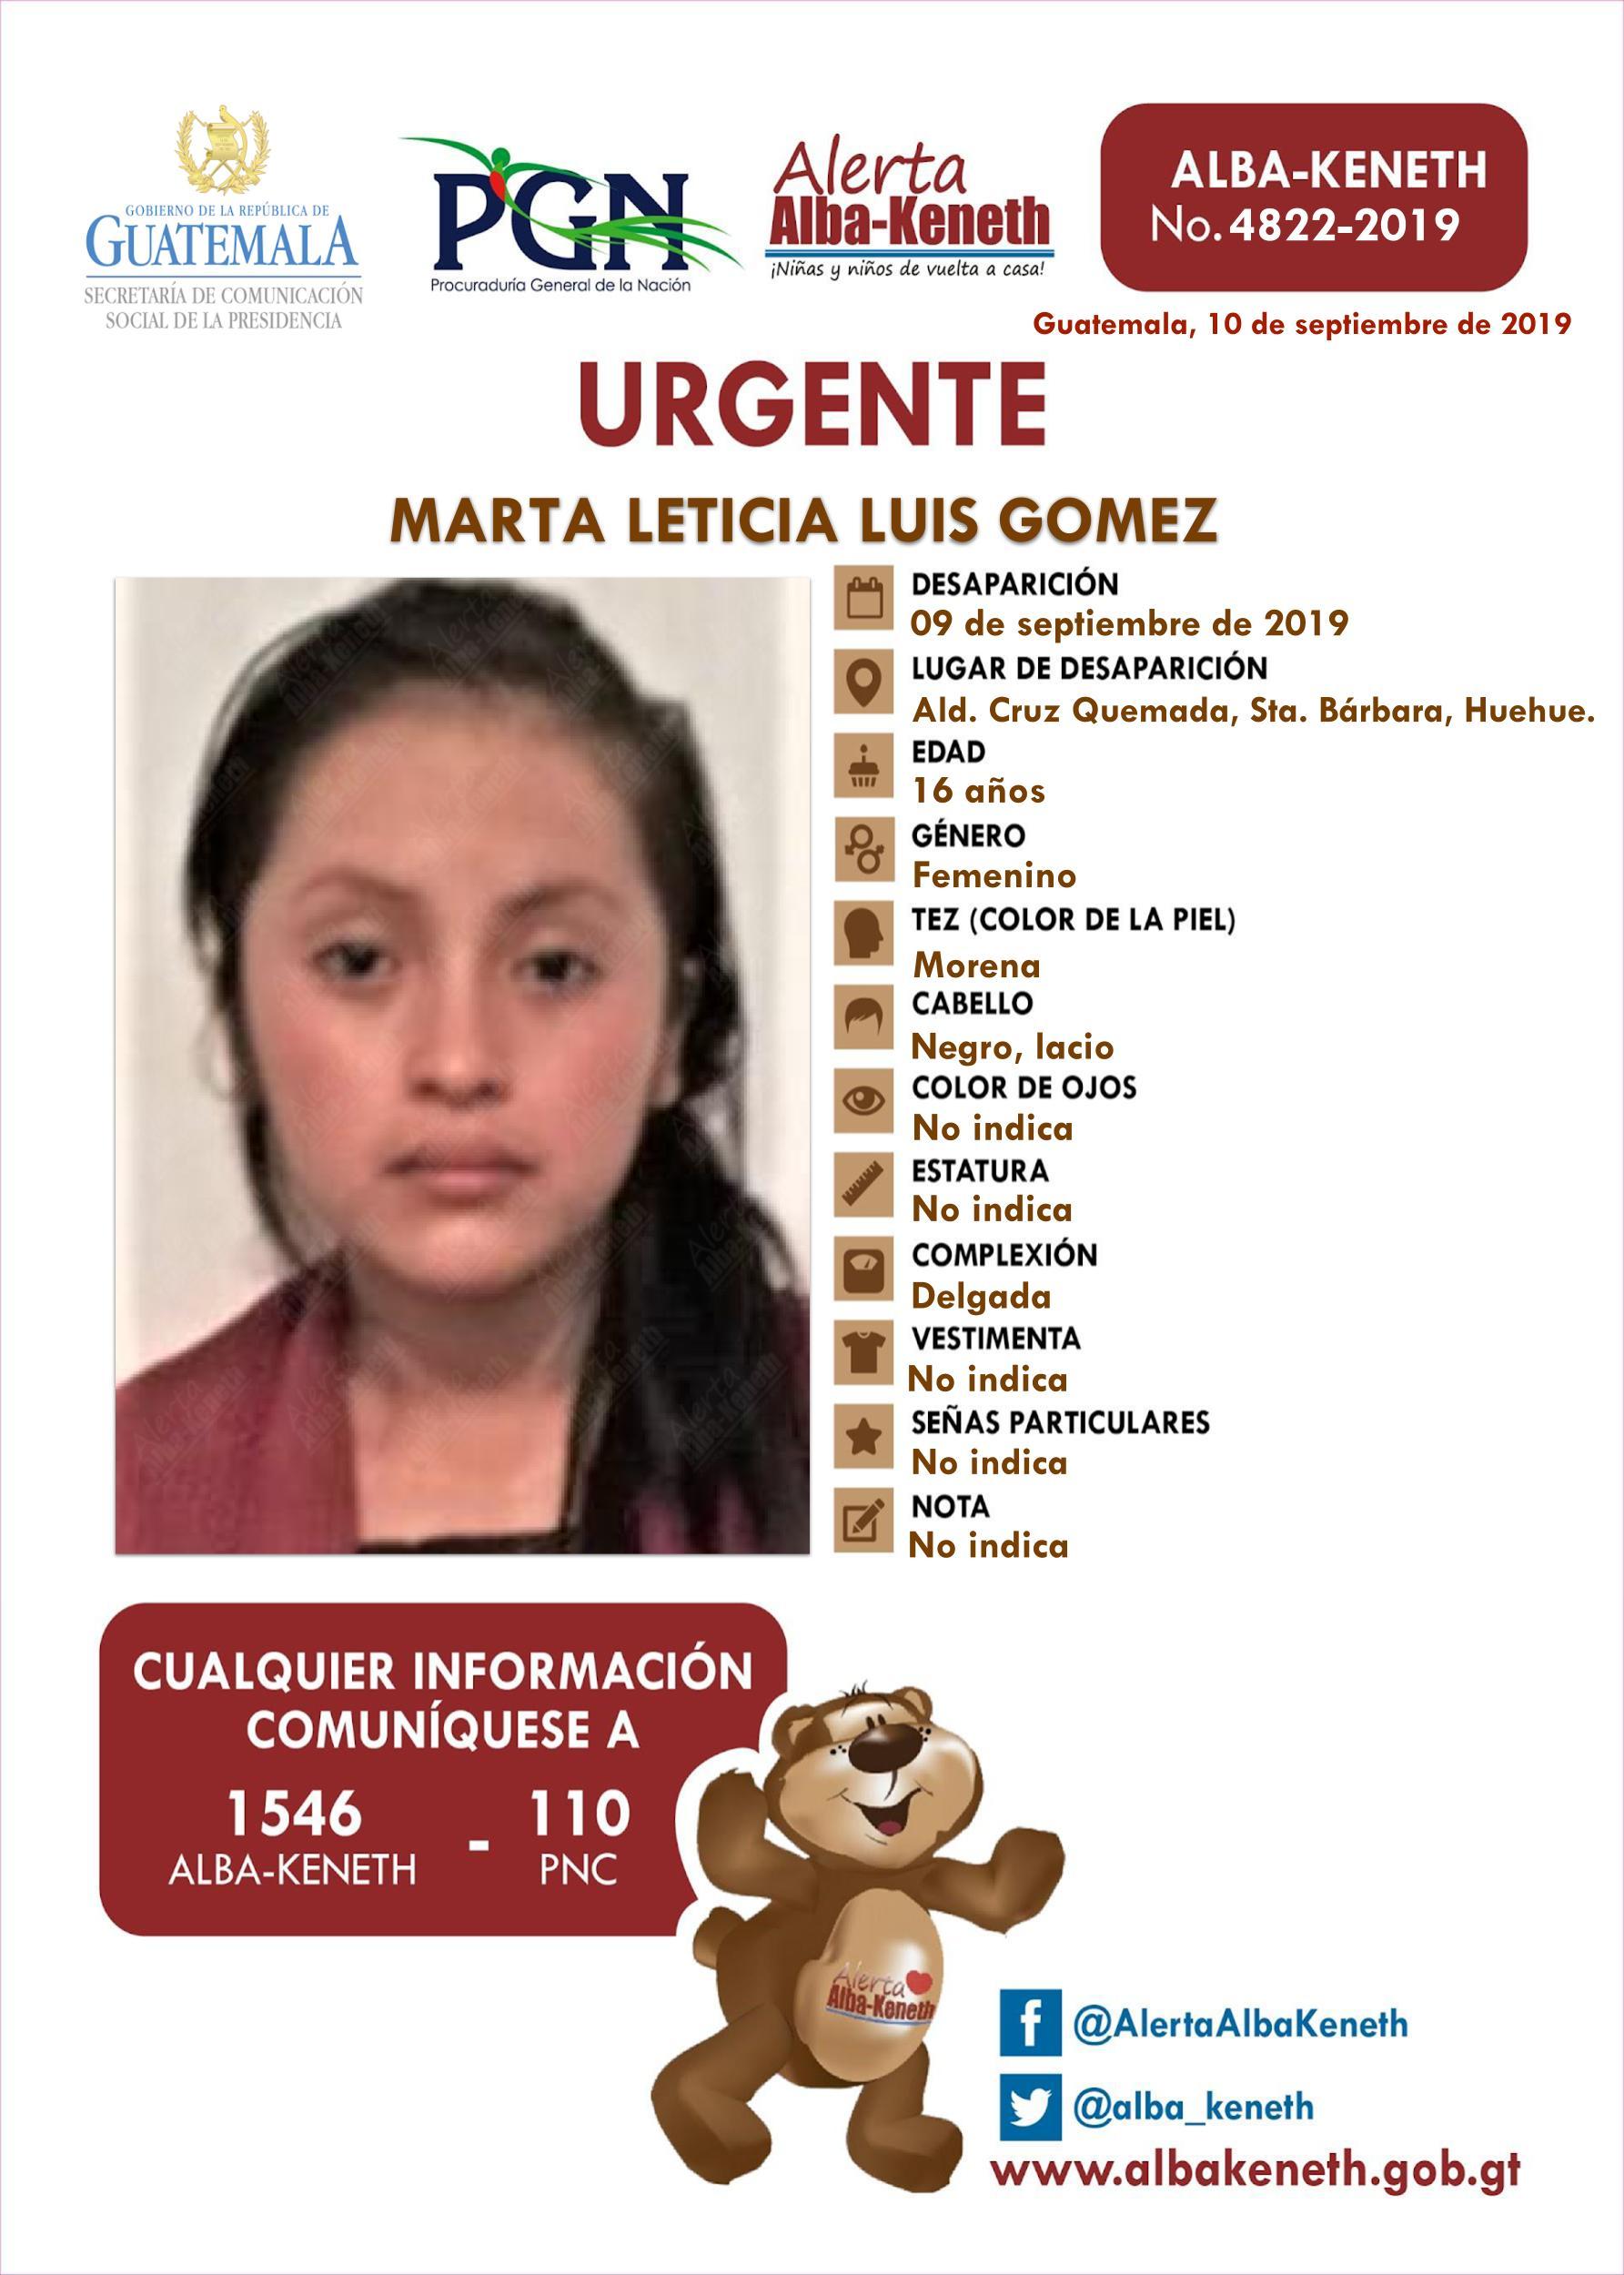 Marta Leticia Luis Gomez